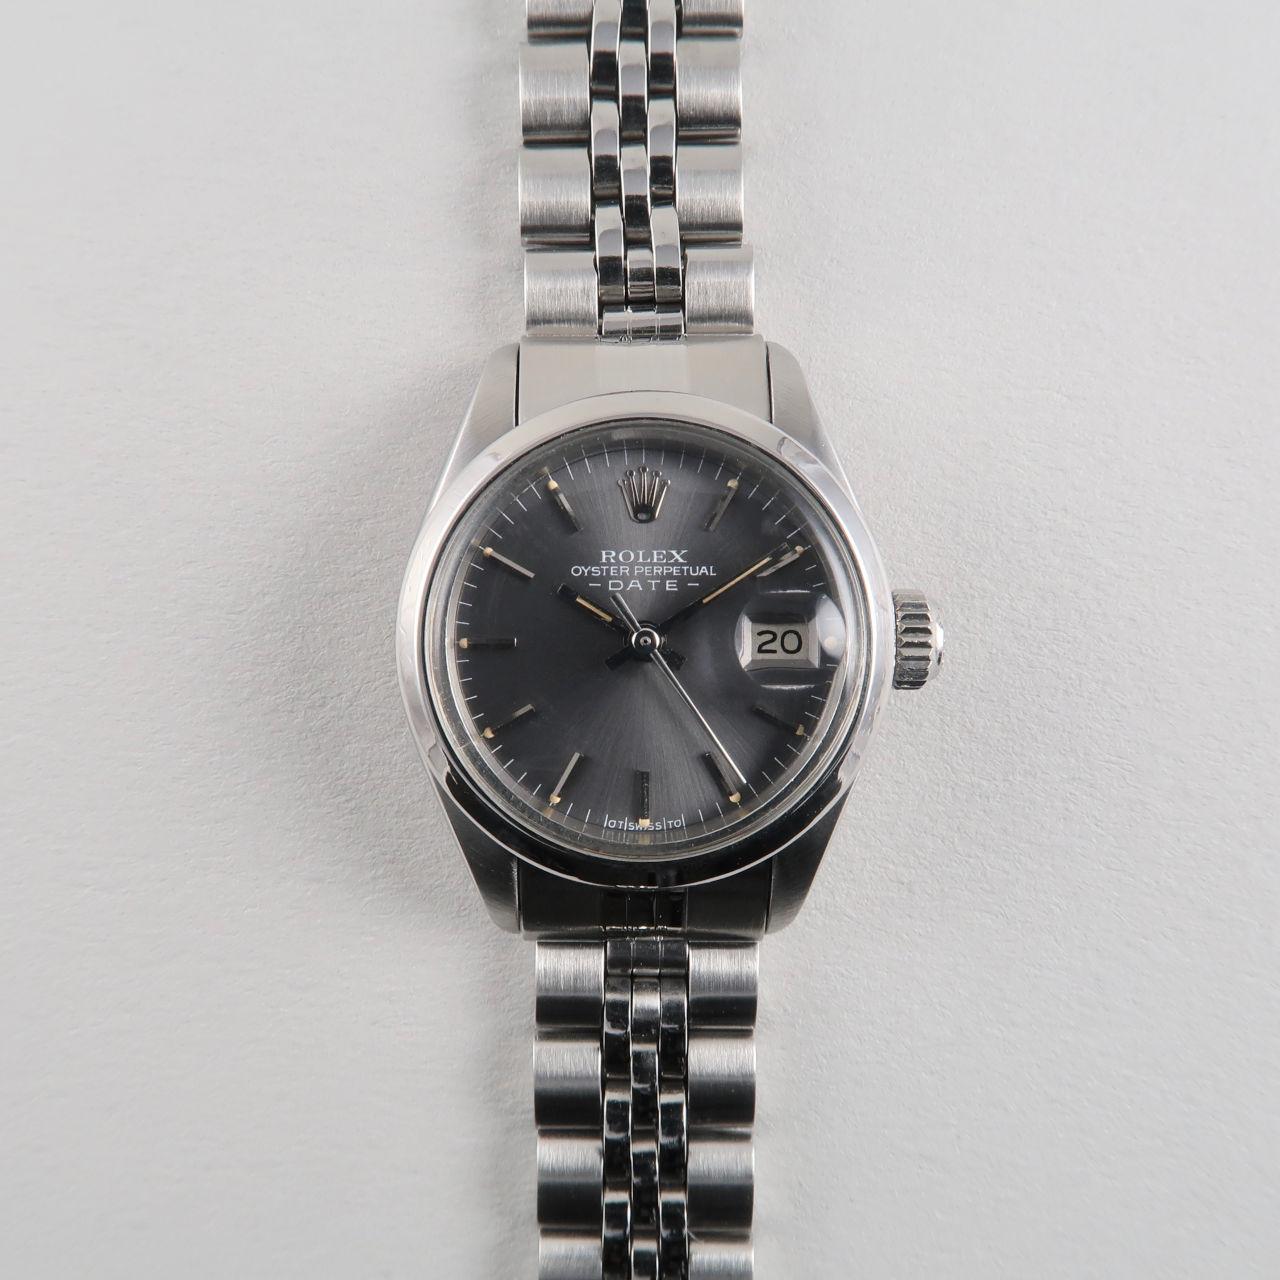 Rolex Oyster Perpetual Date 'Sigma' Ref.6916 circa 1975